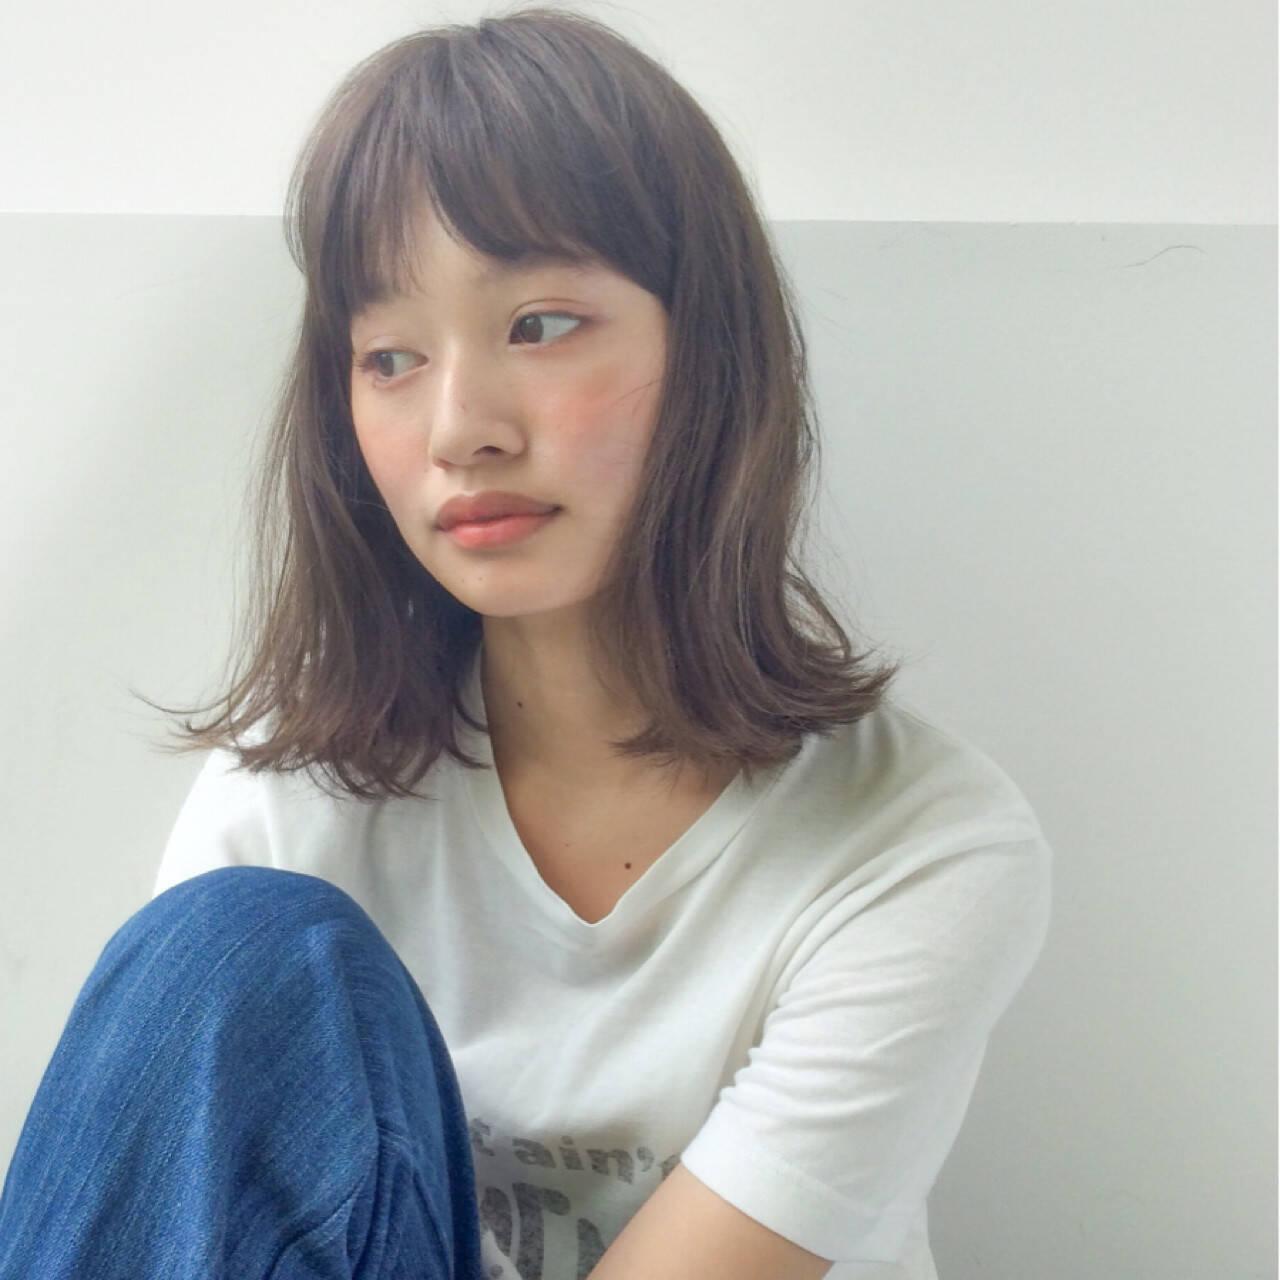 アッシュ ミルクティー ミディアム フリンジバングヘアスタイルや髪型の写真・画像